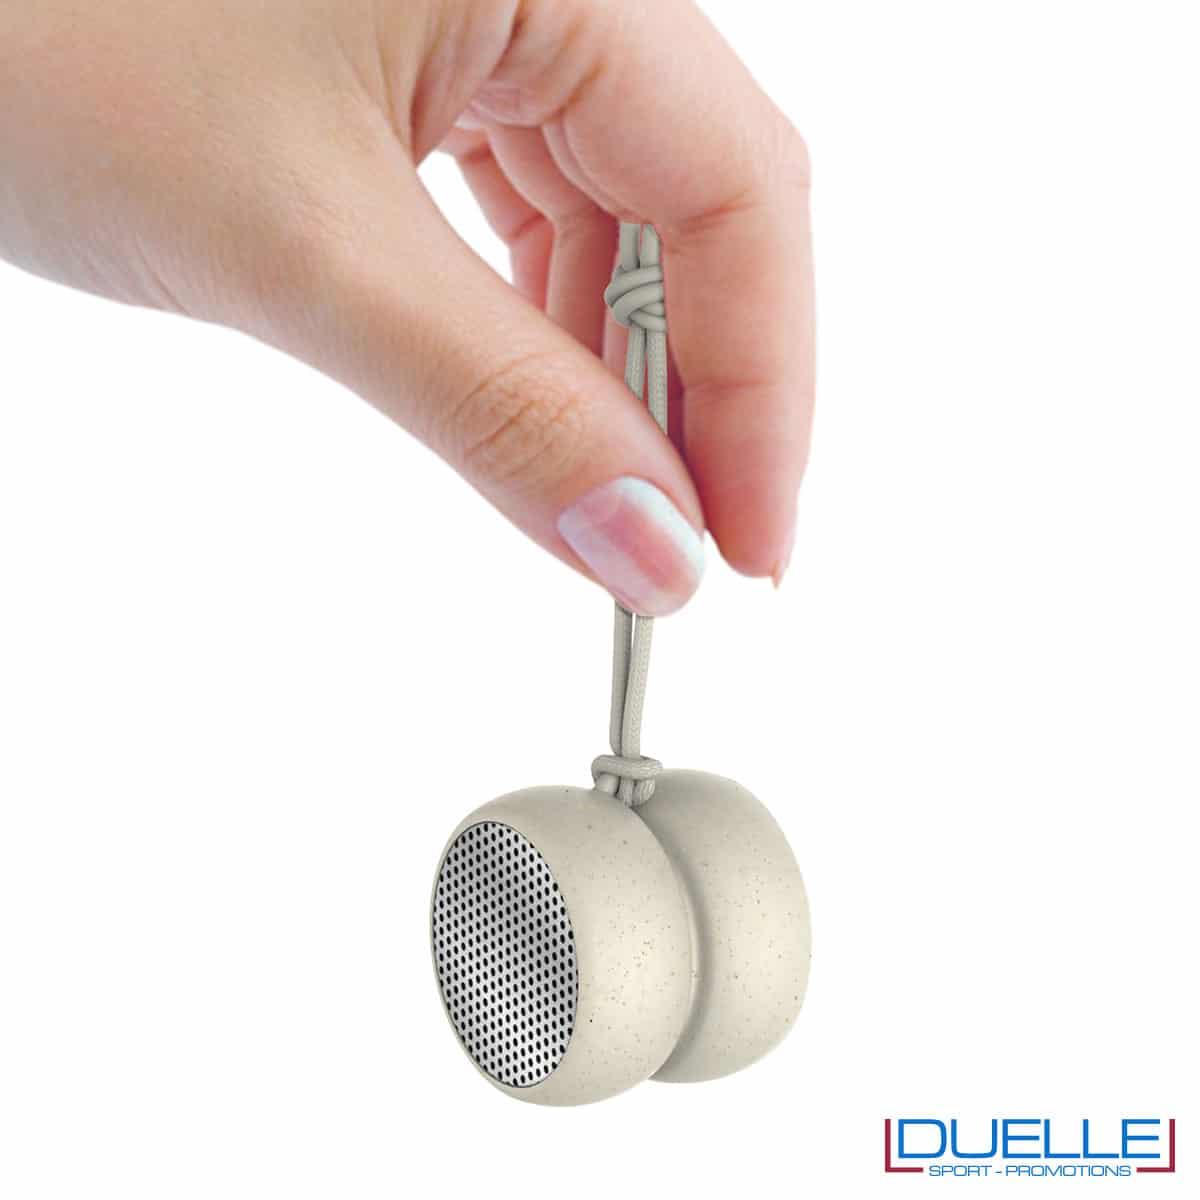 Altoparlante ecologico in plastica biodegradabile a forma di yo-yo